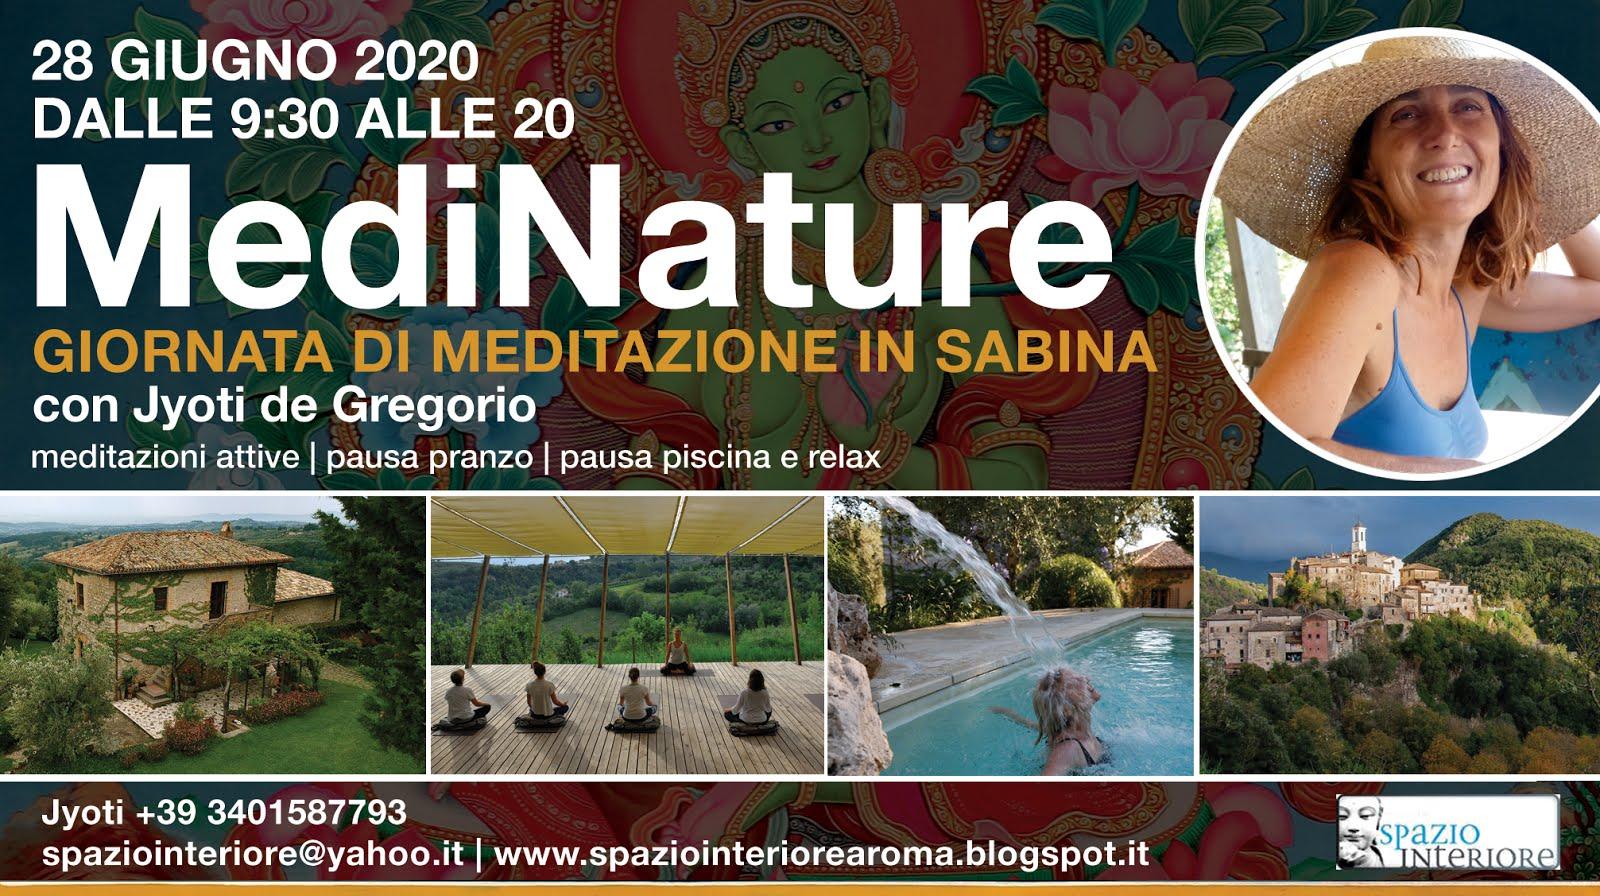 MediNature